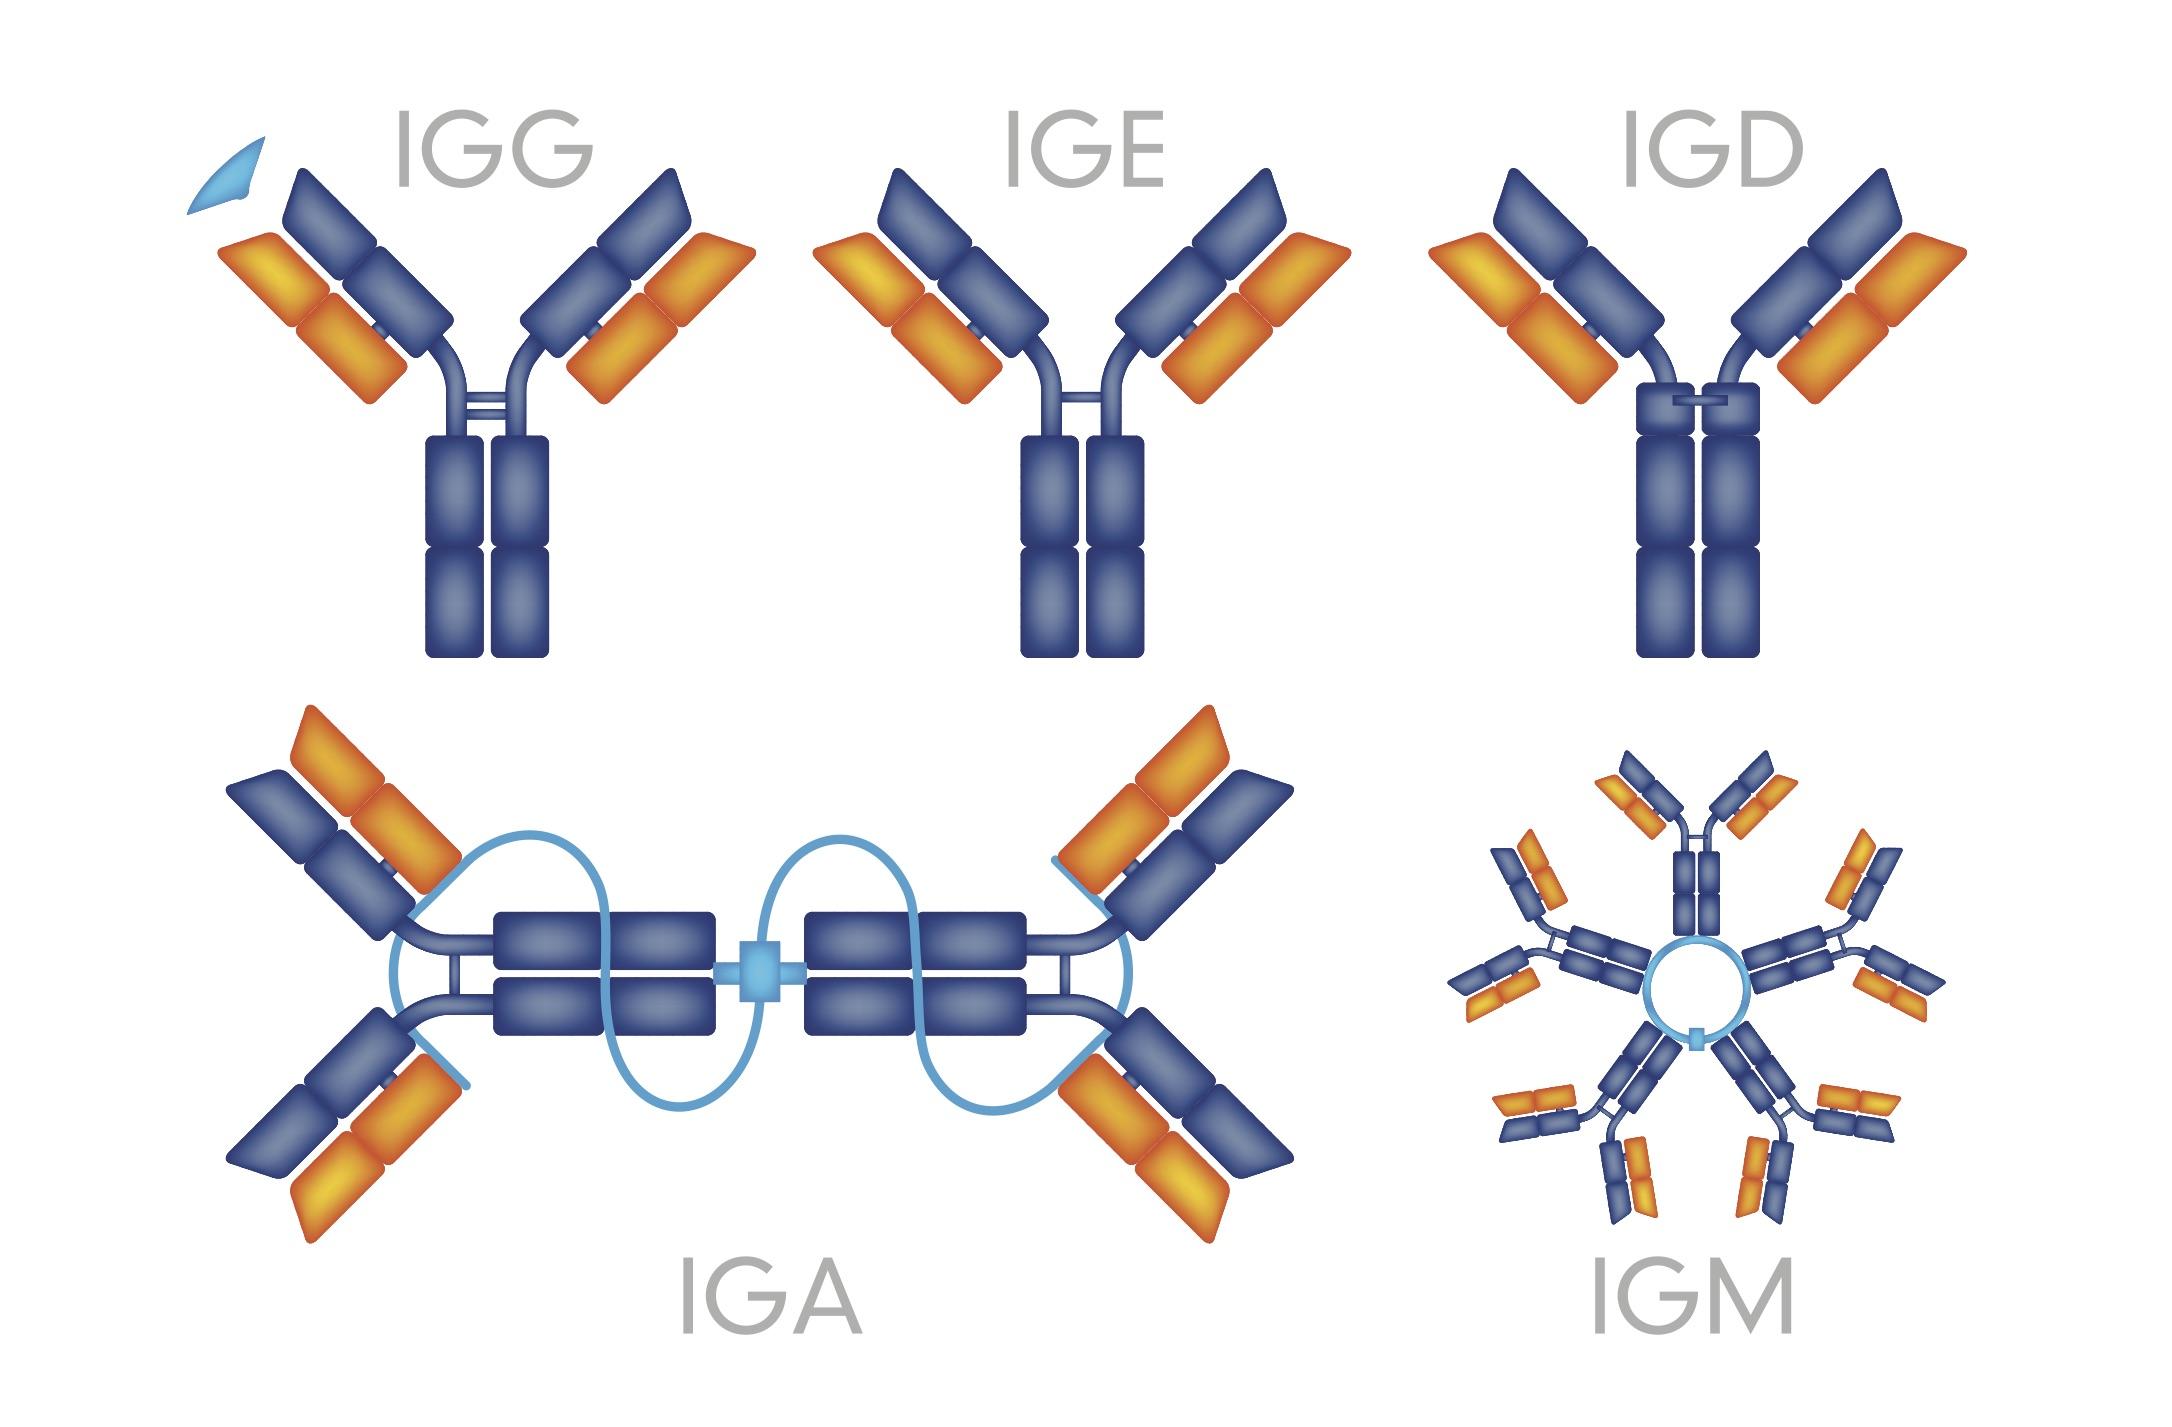 immunoglobulin G, A, M, and E